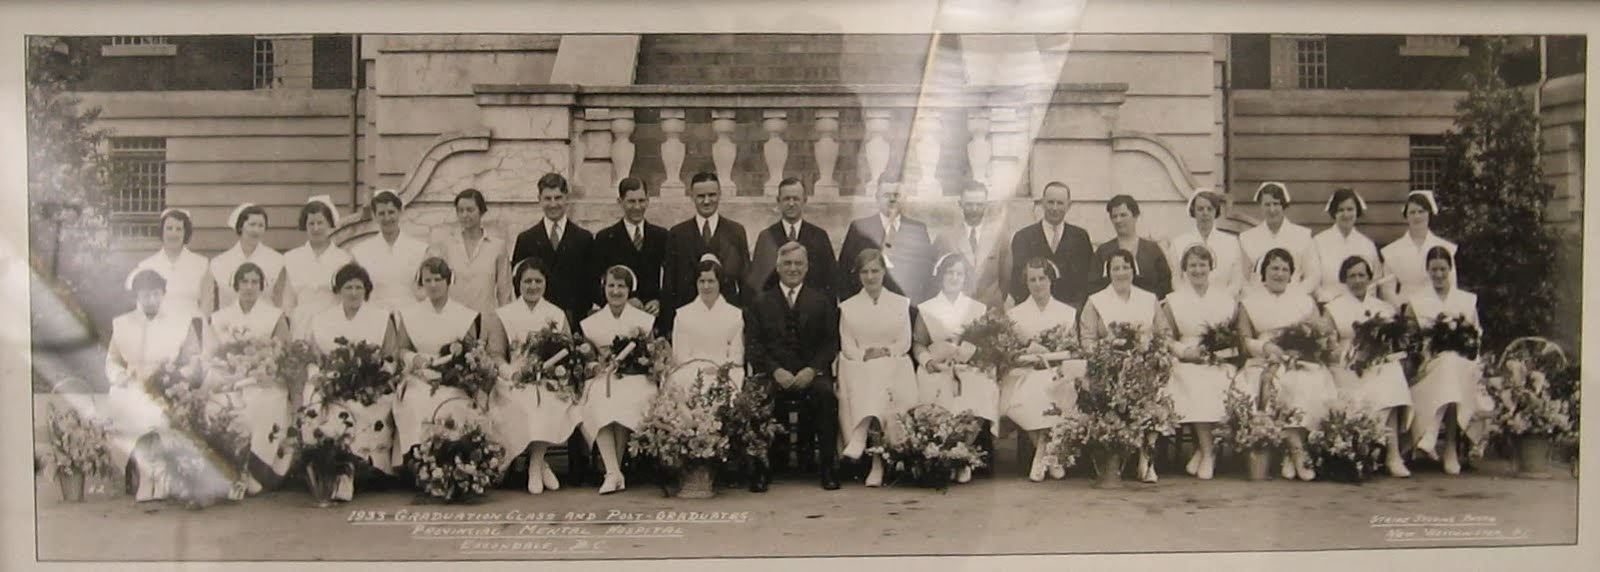 1933 graduates